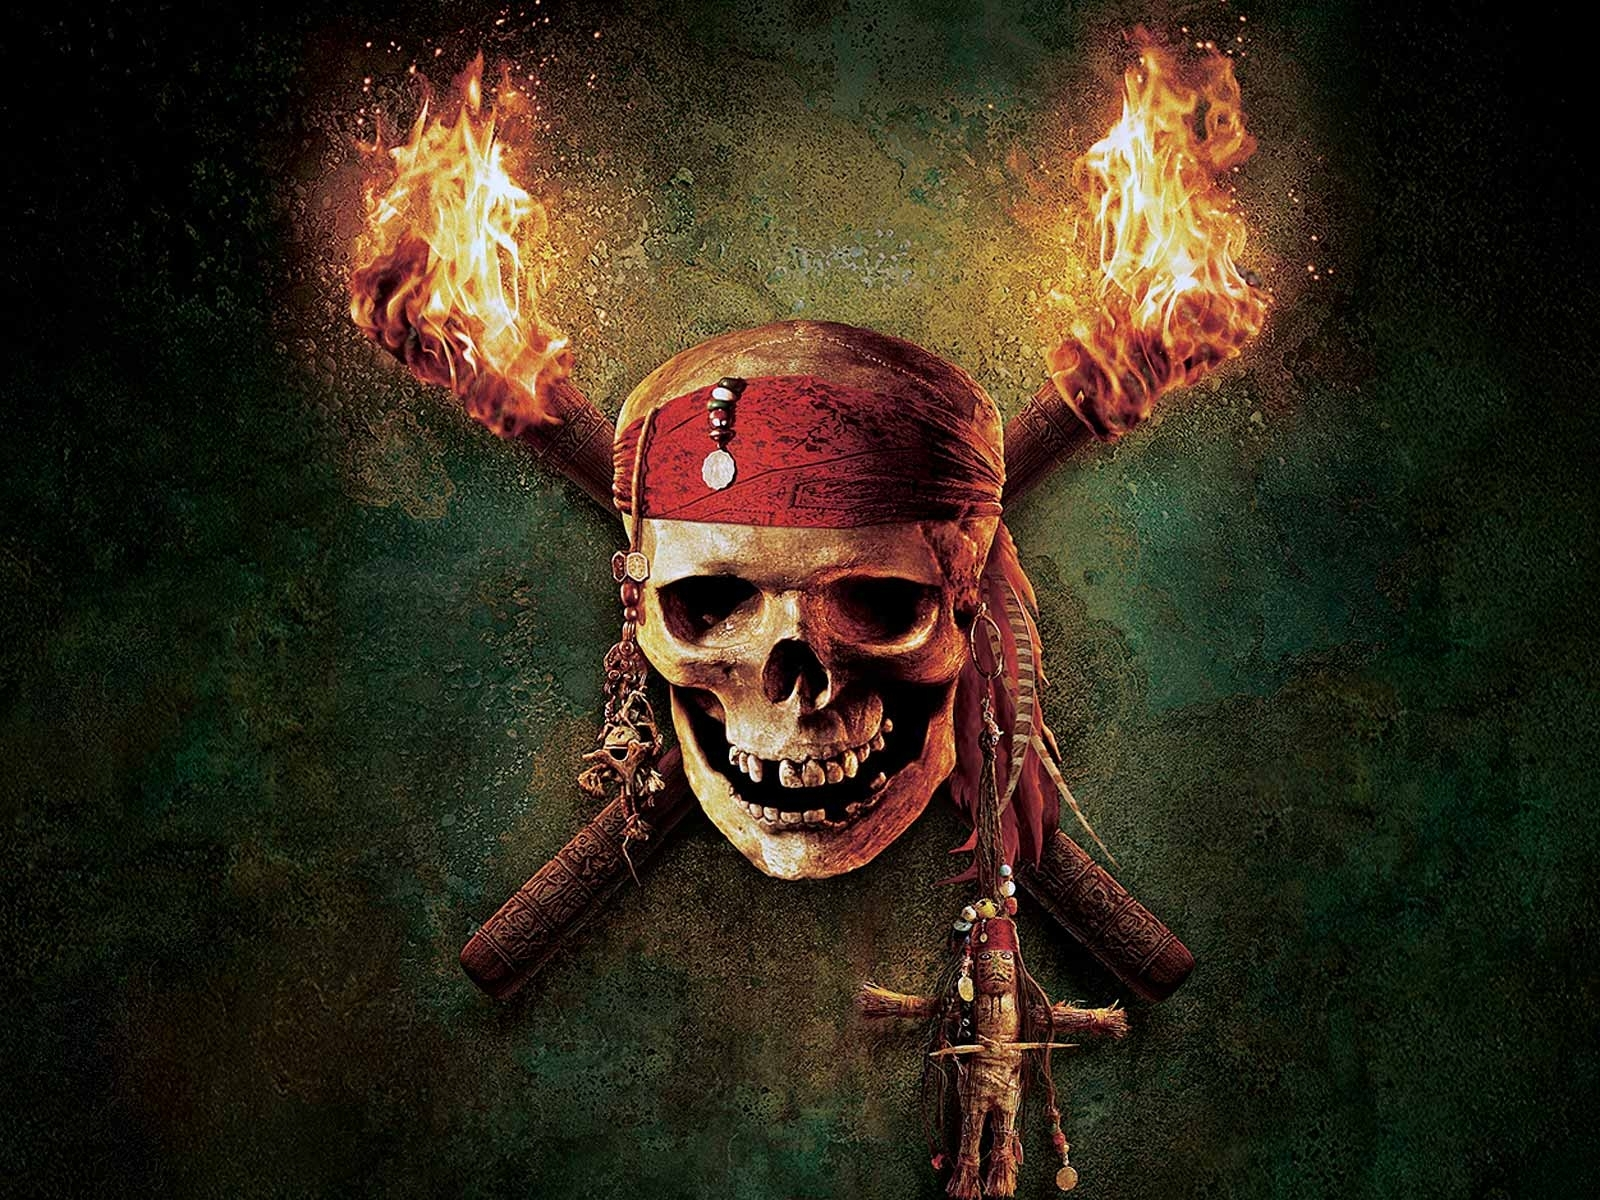 4976 скачать обои Кино, Пираты Карибского Моря (Pirates Of The Caribbean) - заставки и картинки бесплатно